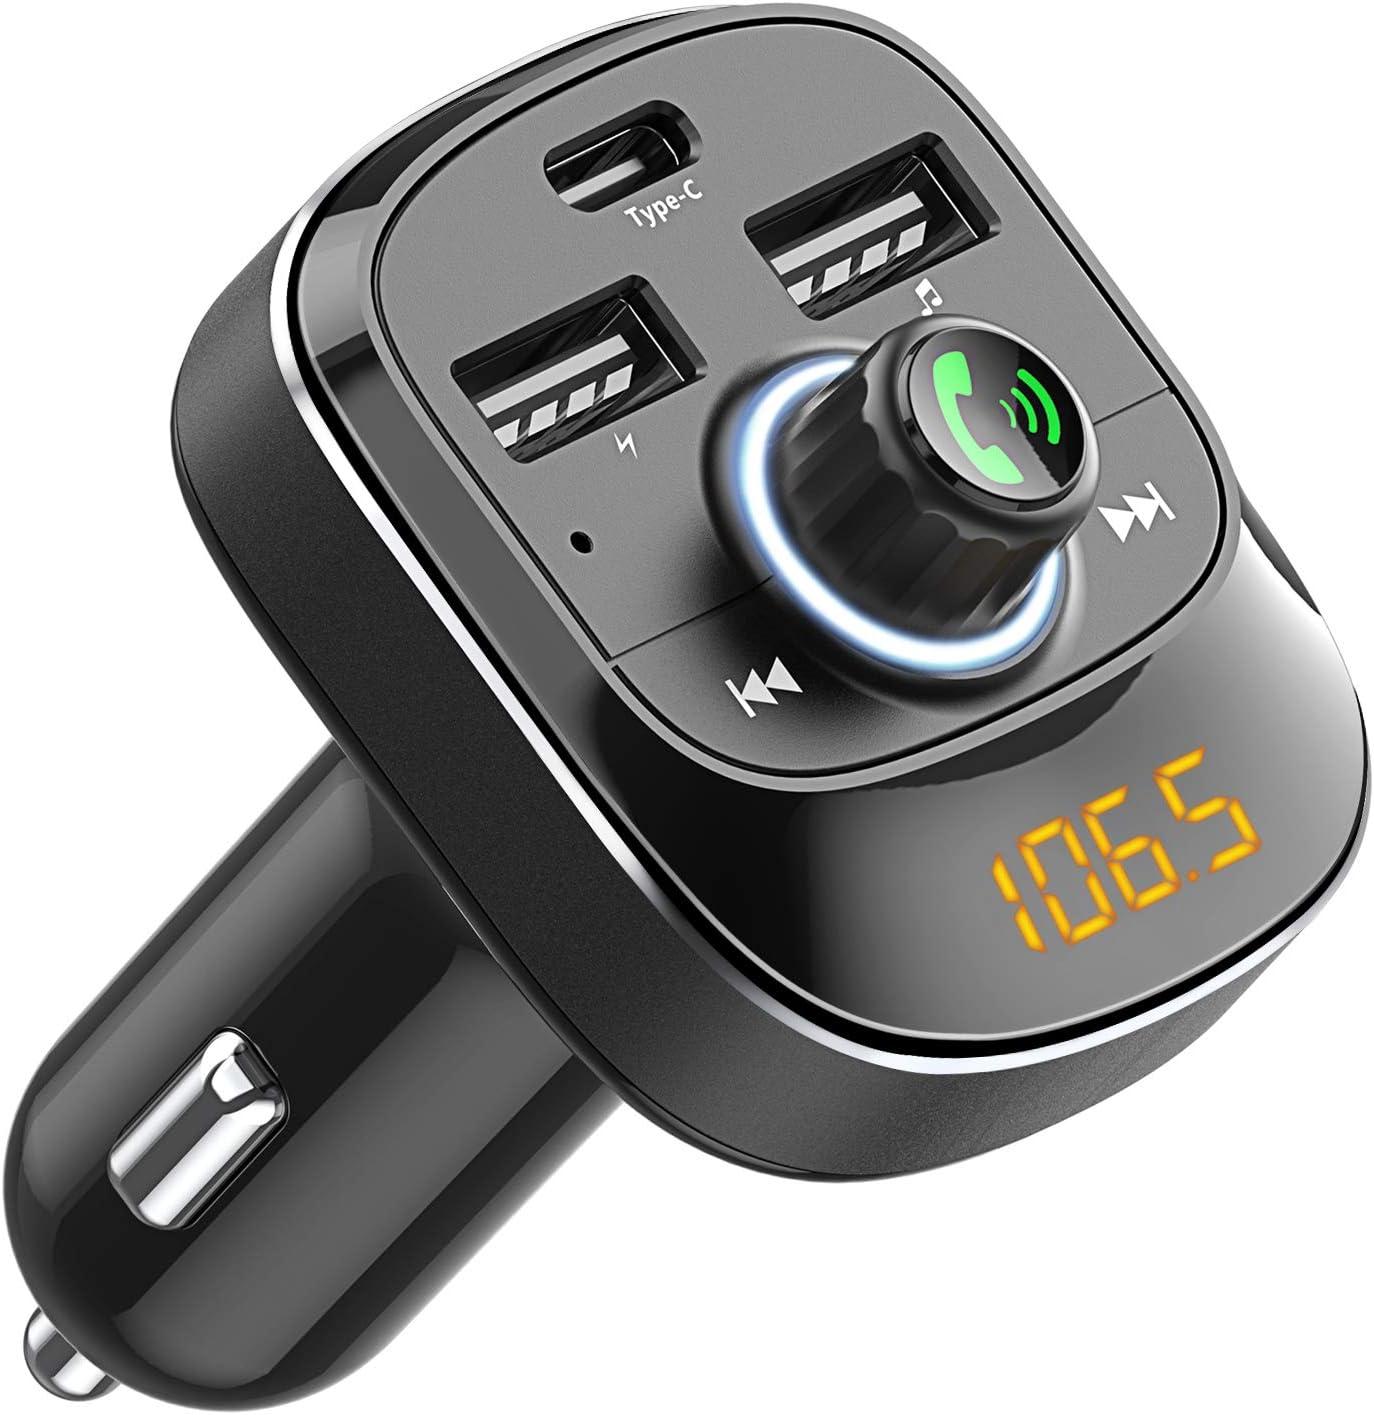 Cocoda Transmisor FM Bluetooth Coche Manos Libres, Inalámbrico Reproductor MP3 Mechero Coche con Dual USB & Tipo C Puerto Carga, Adaptador Receptor Cargador Coche Acepta Memoria USB & Tarjetas